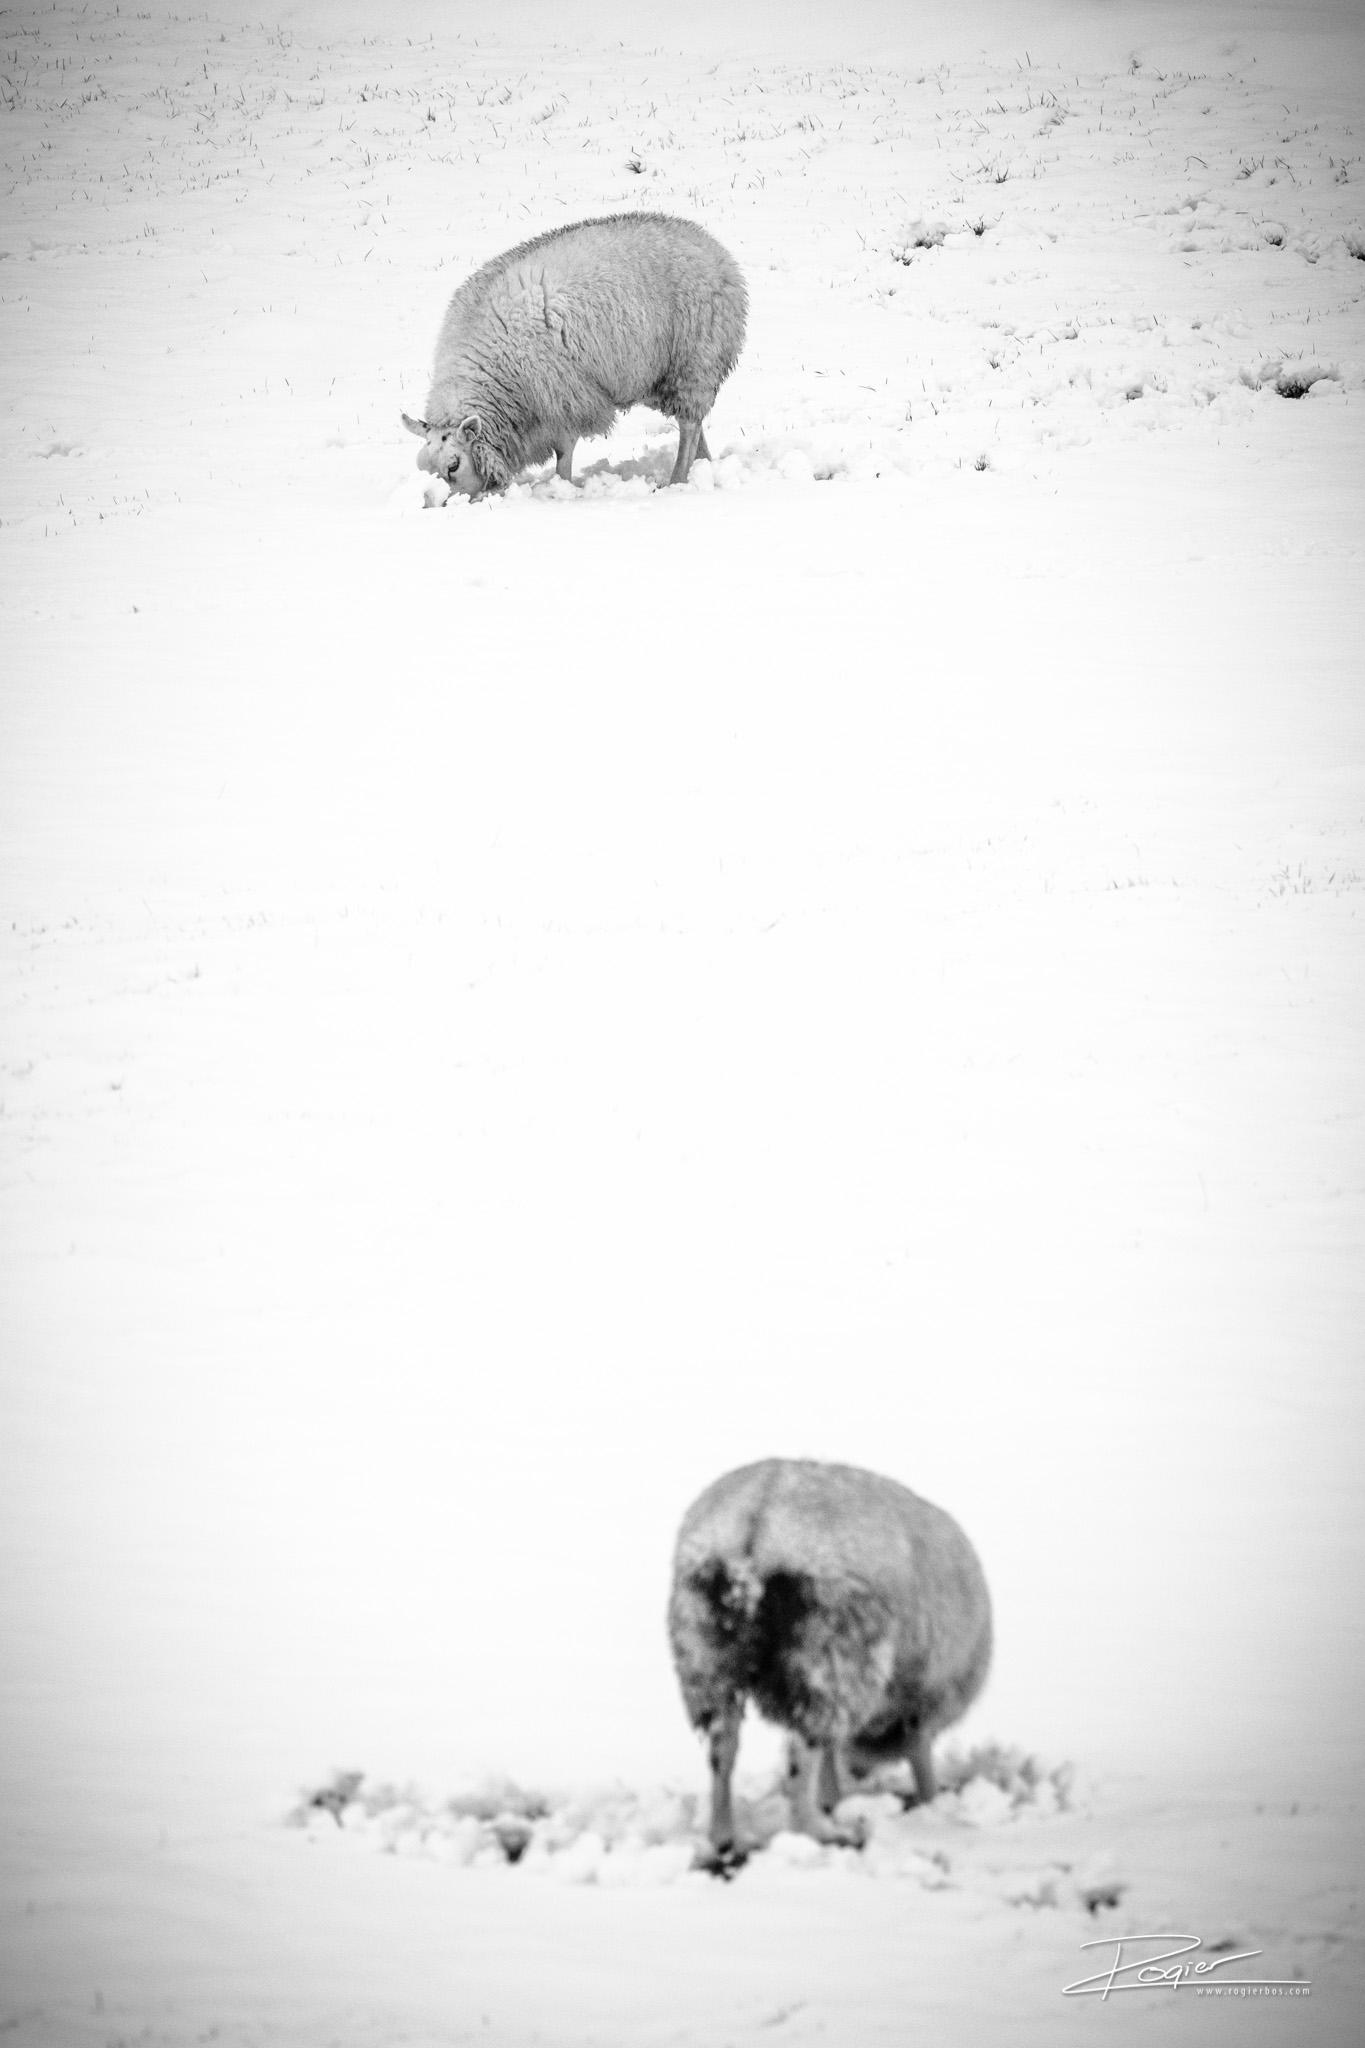 Landschapfotografie langs de Hollandse IJssel: Schapen wroeten in de sneeuw op zoek naar voedsel